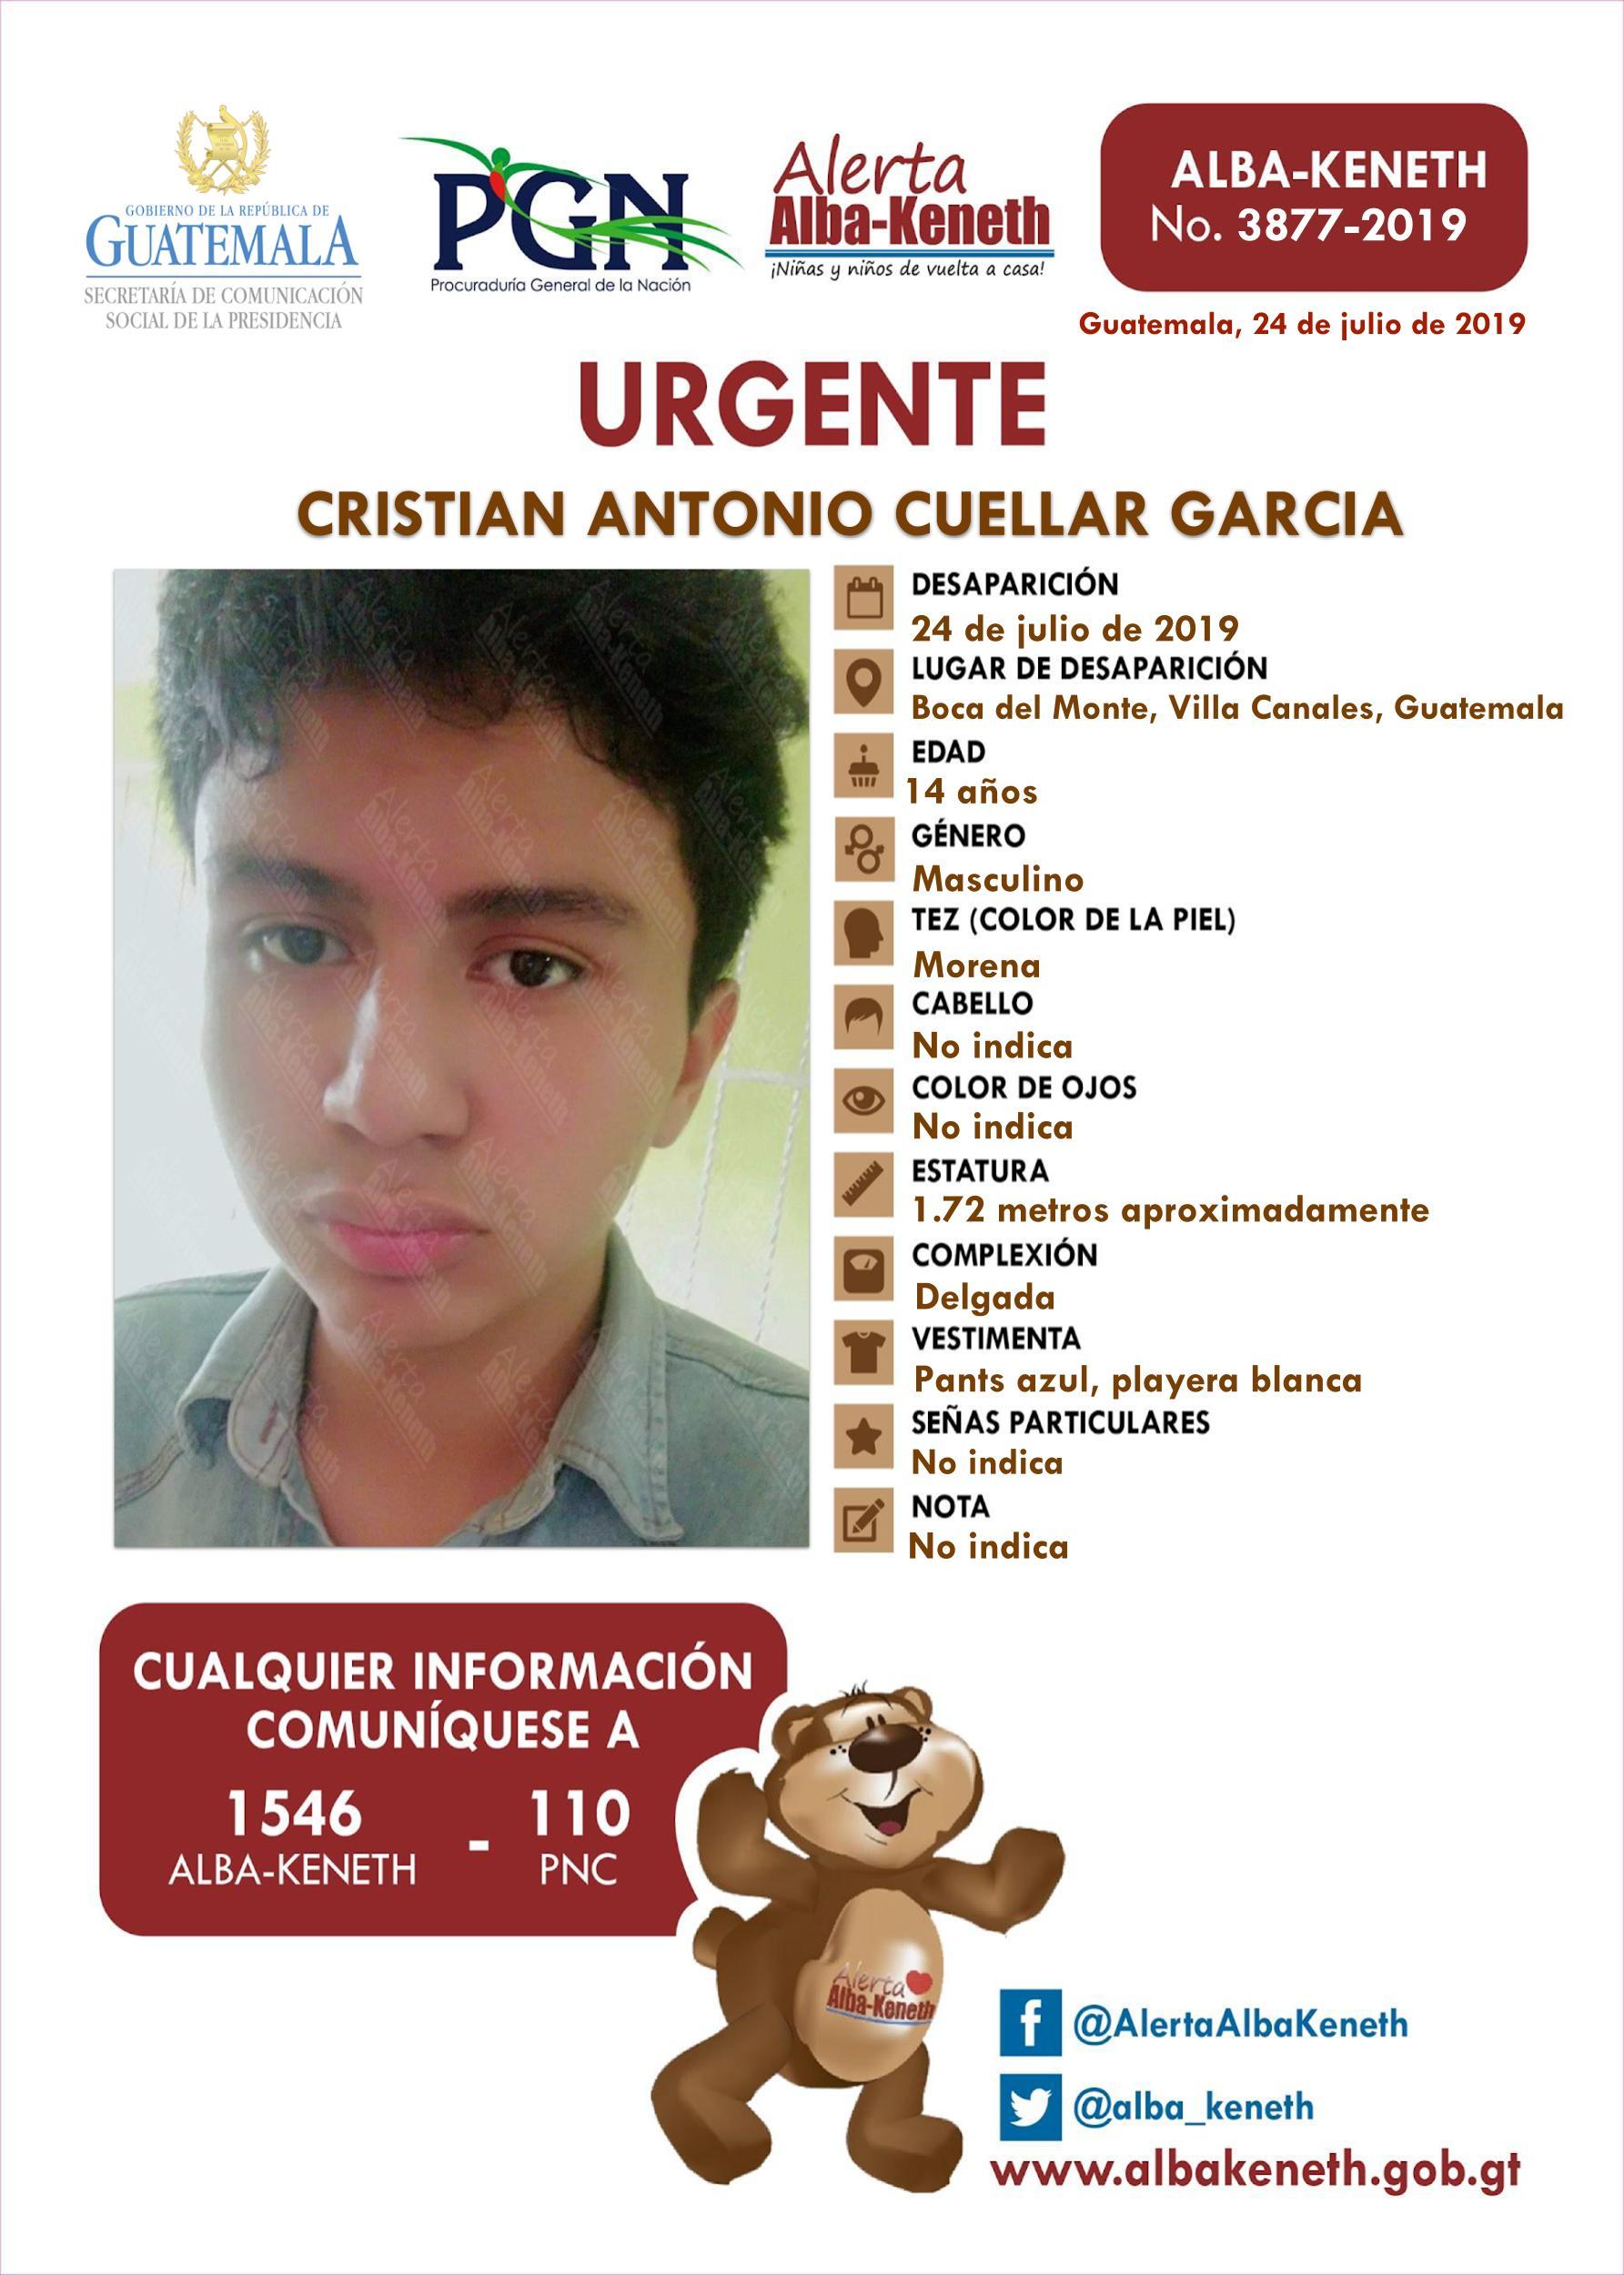 Cristian Antonio Cuellar Garcia